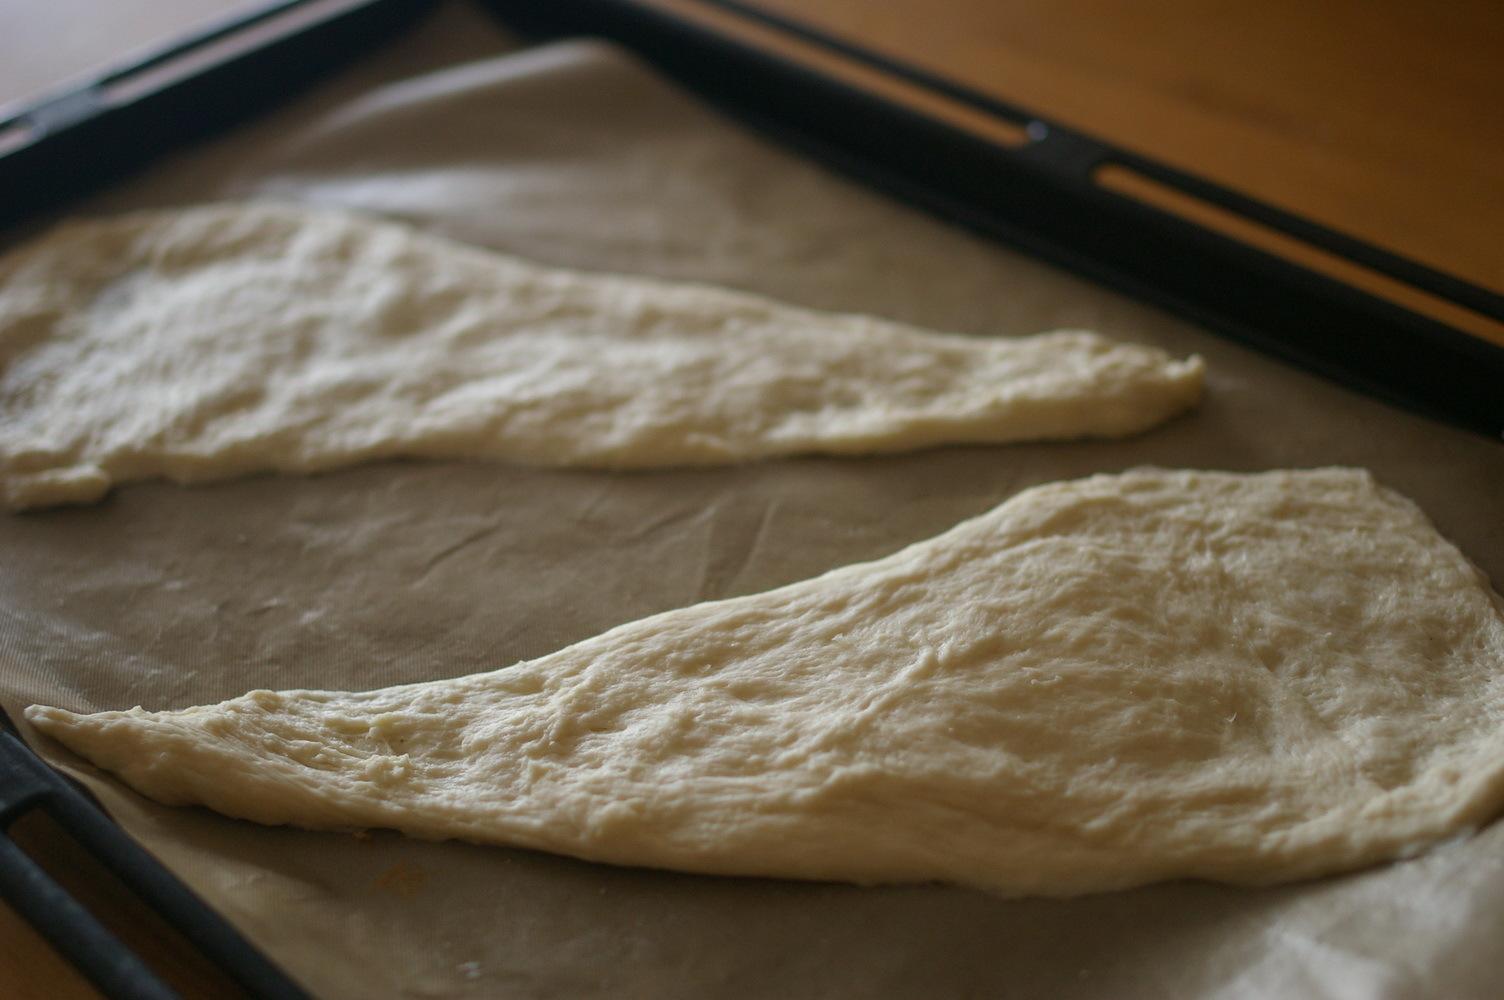 手作りナンと豚バラスパイスカレー:料理教室再開に向けて_d0327373_18552577.jpg